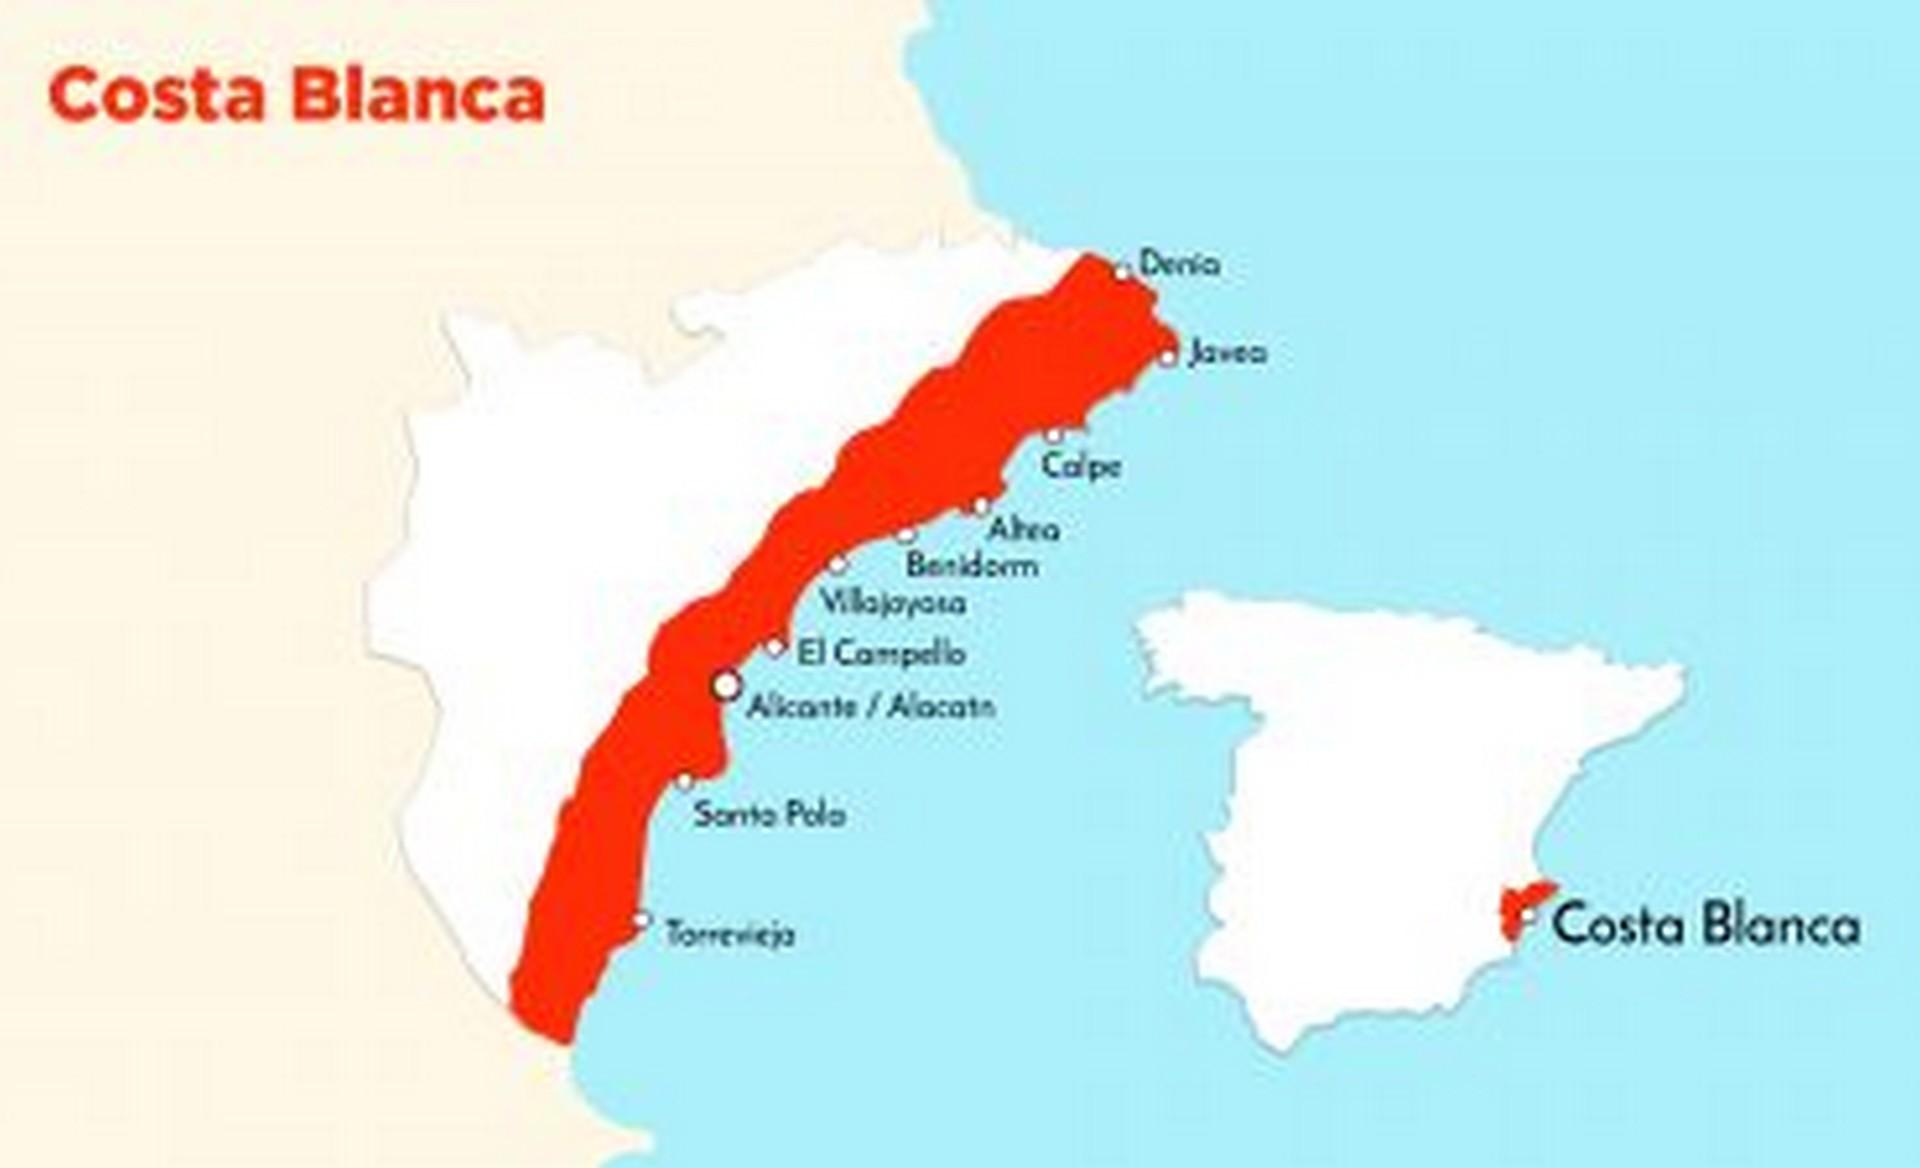 Costa Blanca kaart